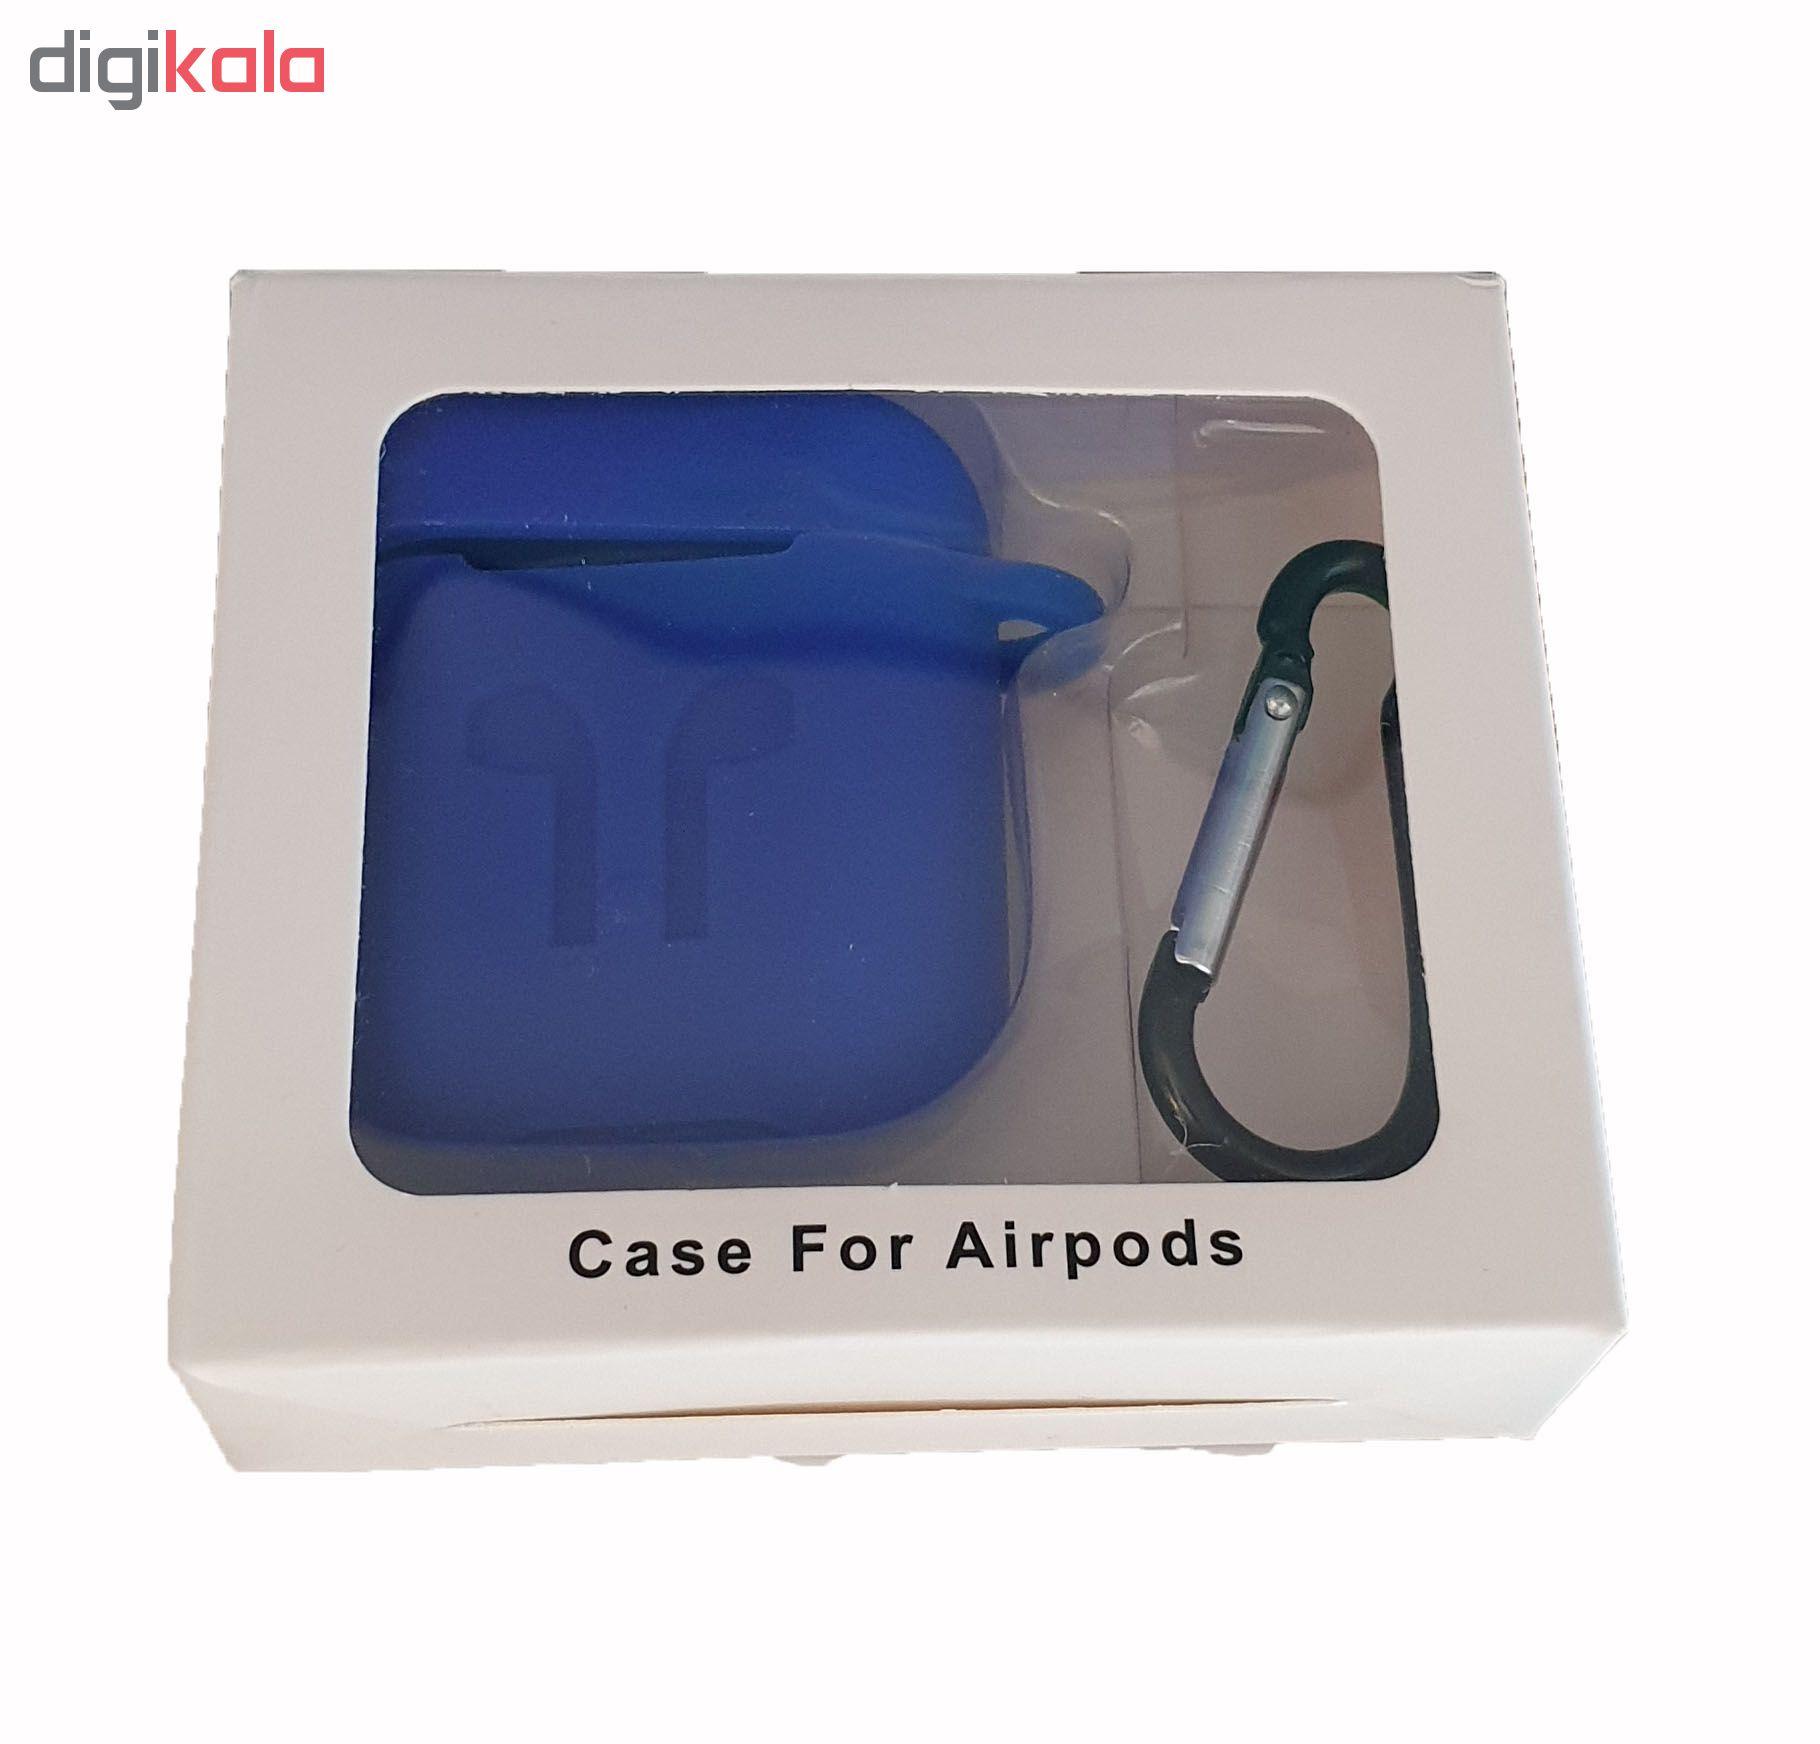 کاور مدل Sky-1 مناسب برای کیس اپل ایرپاد main 1 7